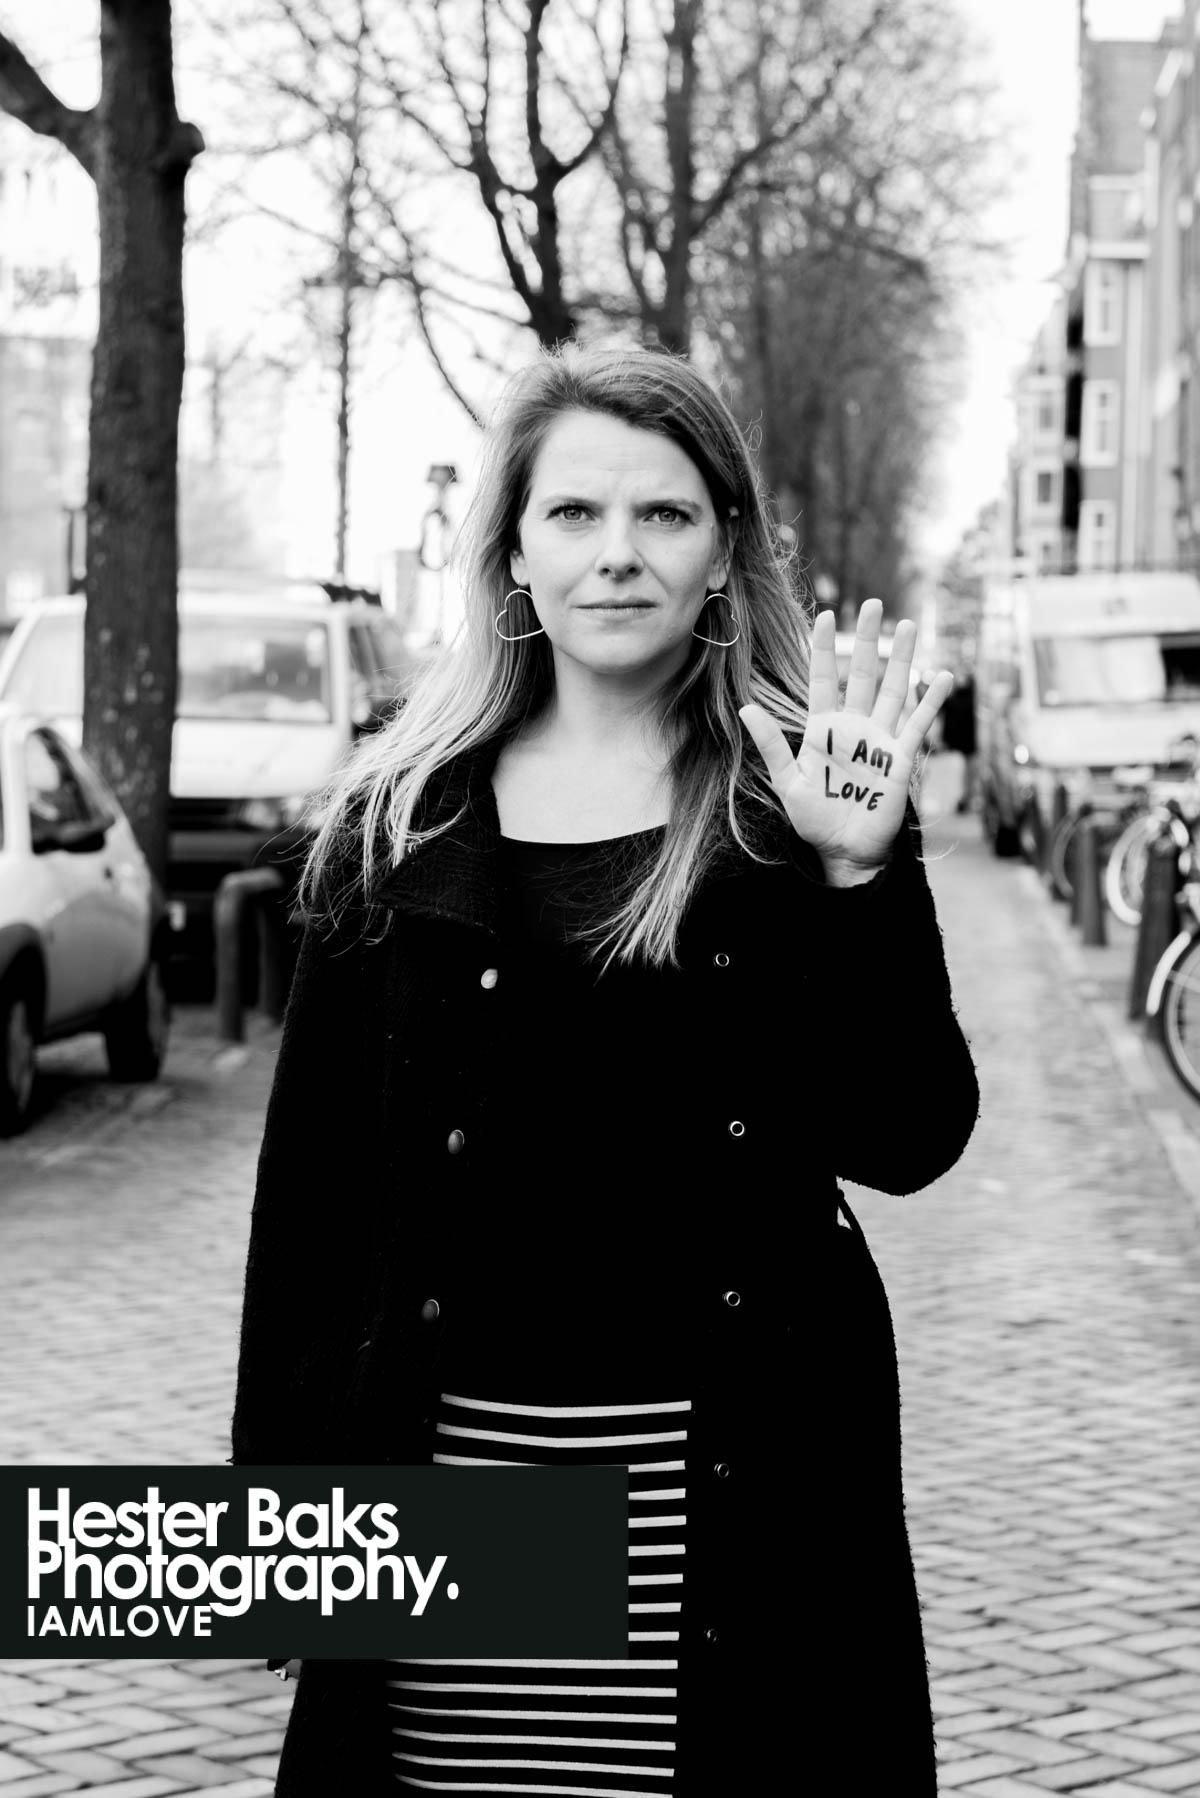 I AM LOVE by Helene Bakker